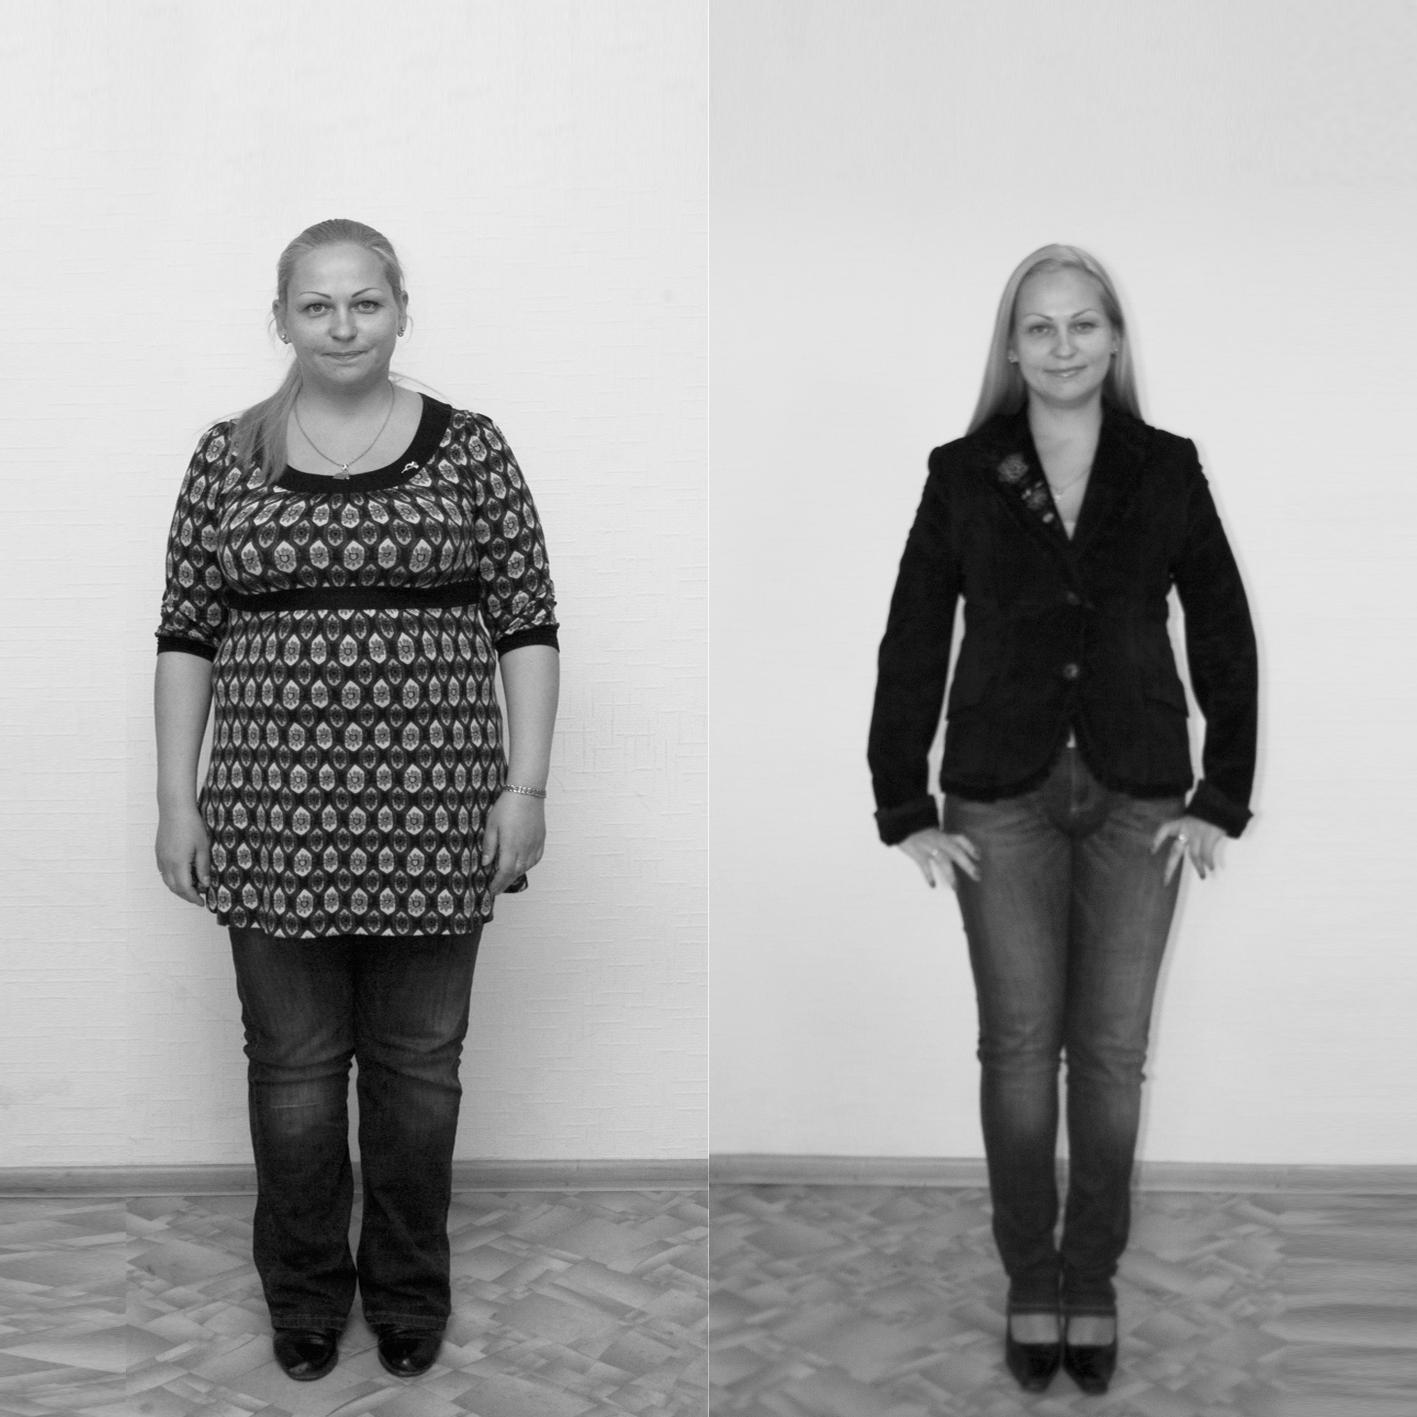 Отзывы О Кодировании О Похудении. Закодироваться на похудение